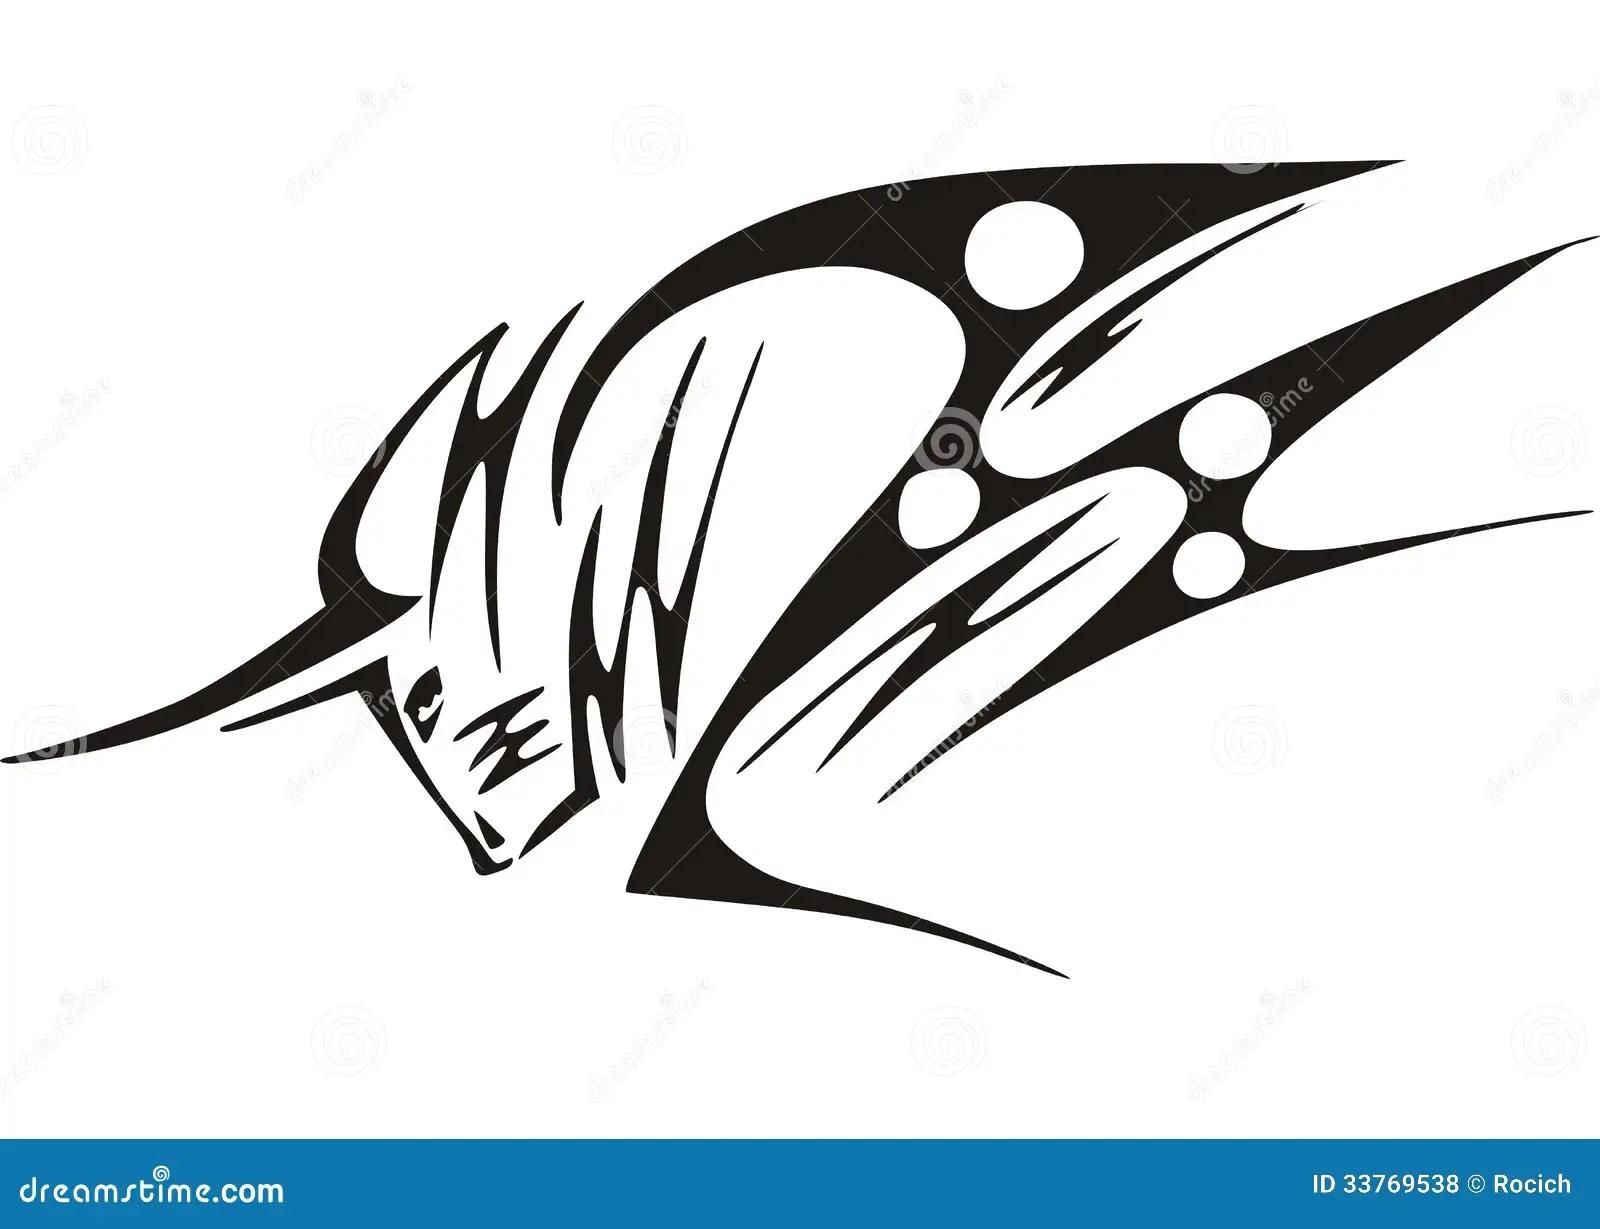 Tatuaje de Bull ilustración del vector. Ilustración de